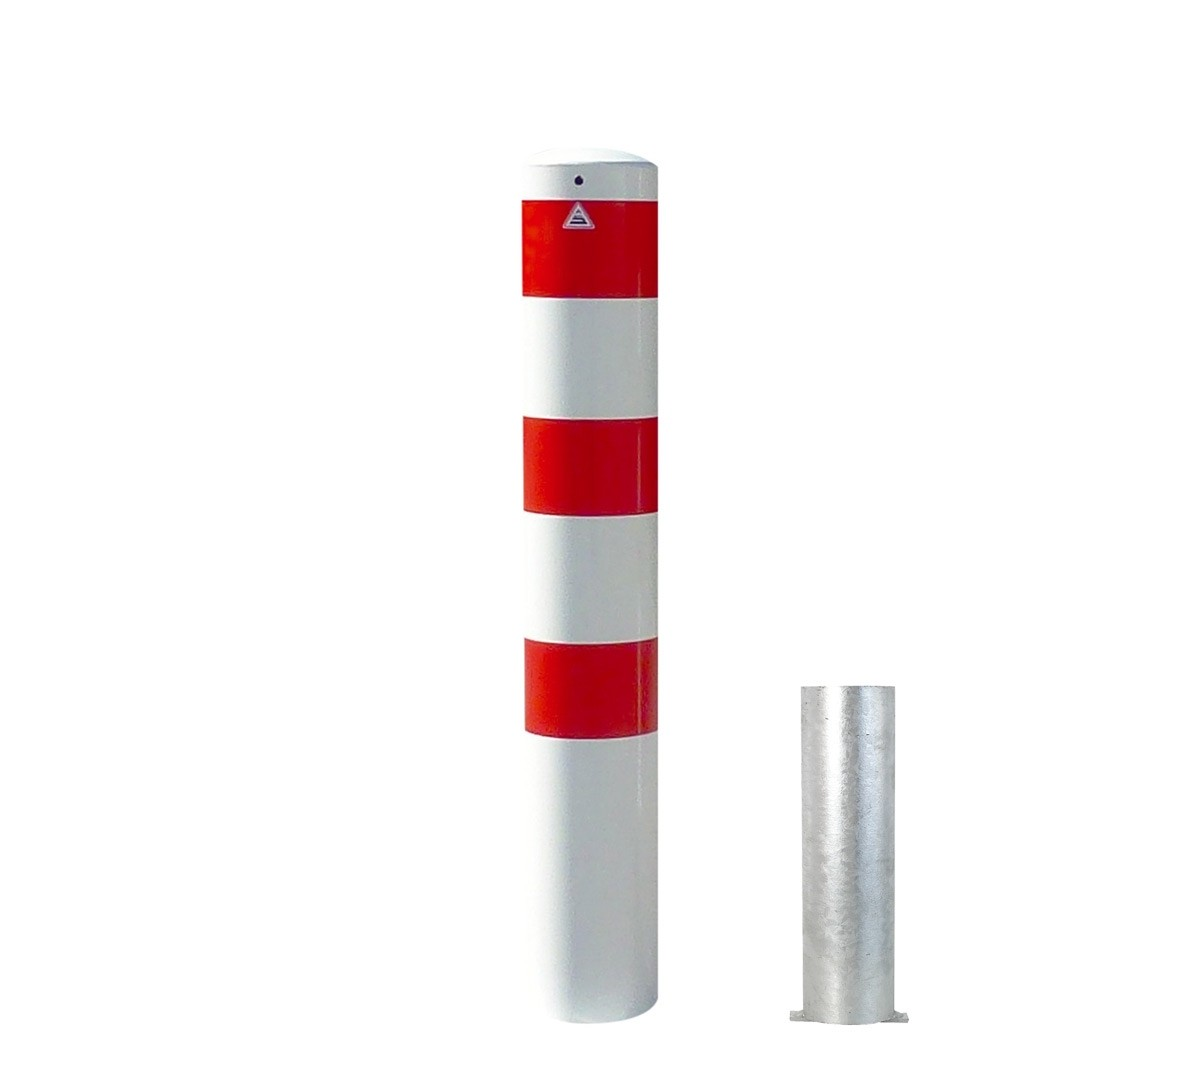 Stahlrohrpoller Ø 152 mm herausnehmbar ohne Verschluss Absperrpfosten